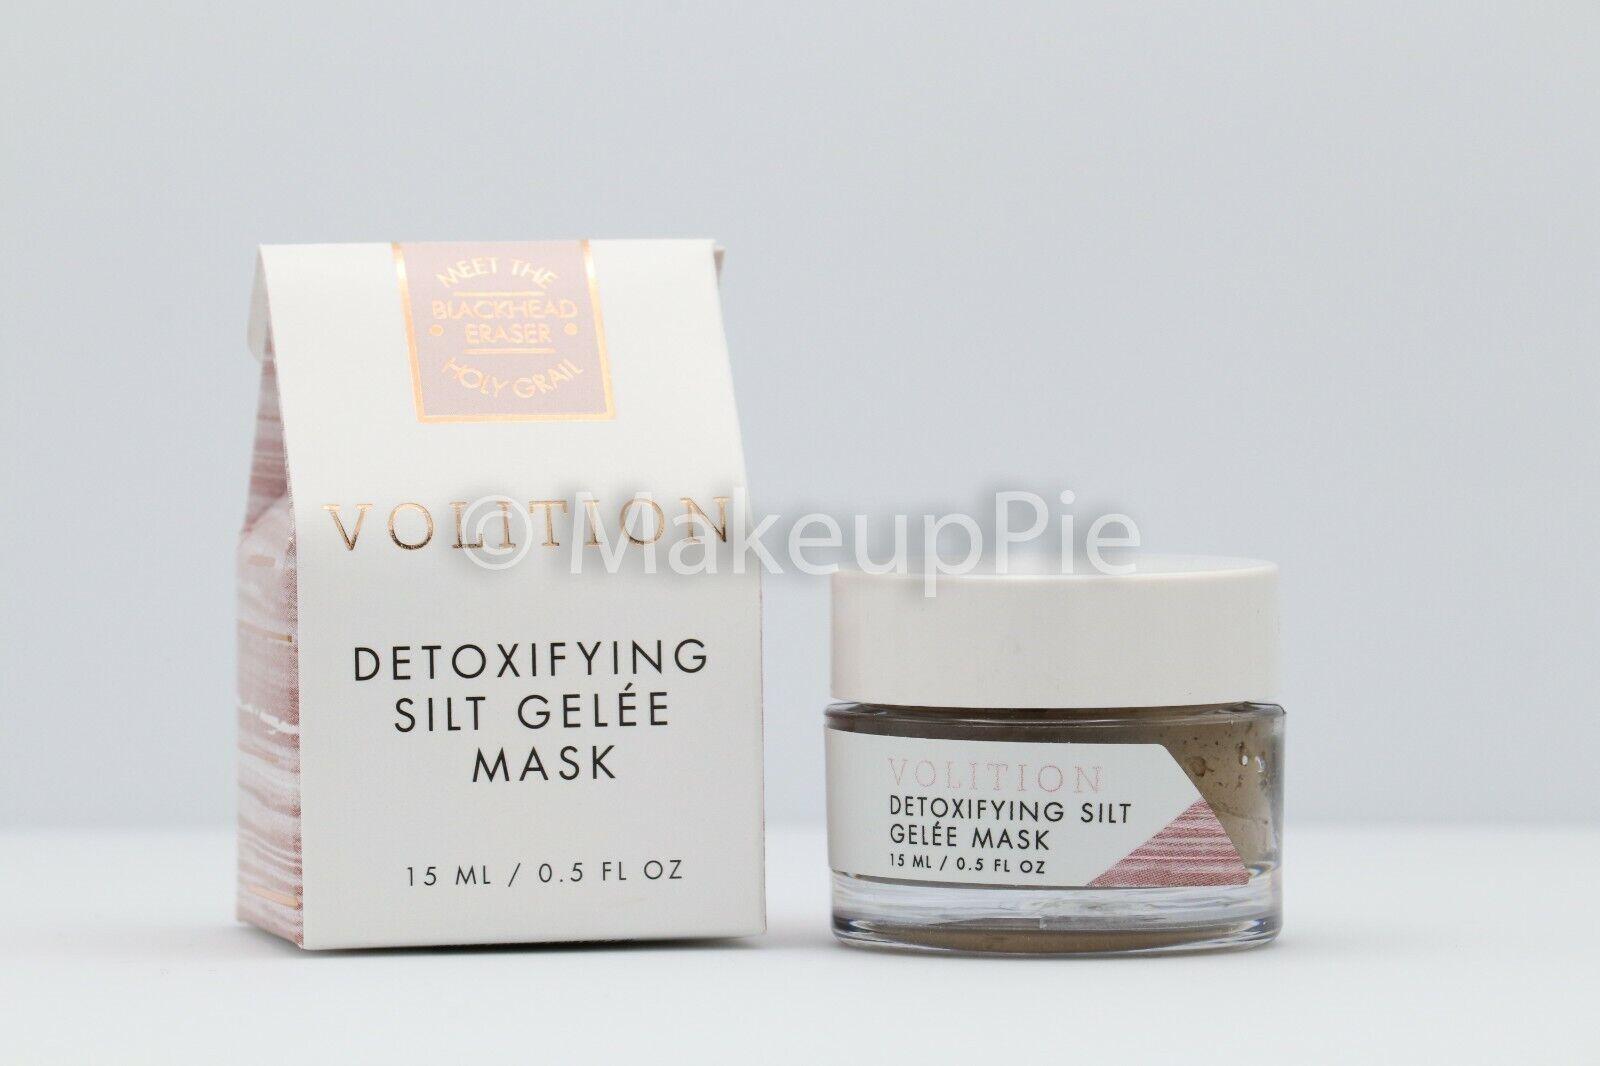 detoxifying silt gelee mask 0 5 oz